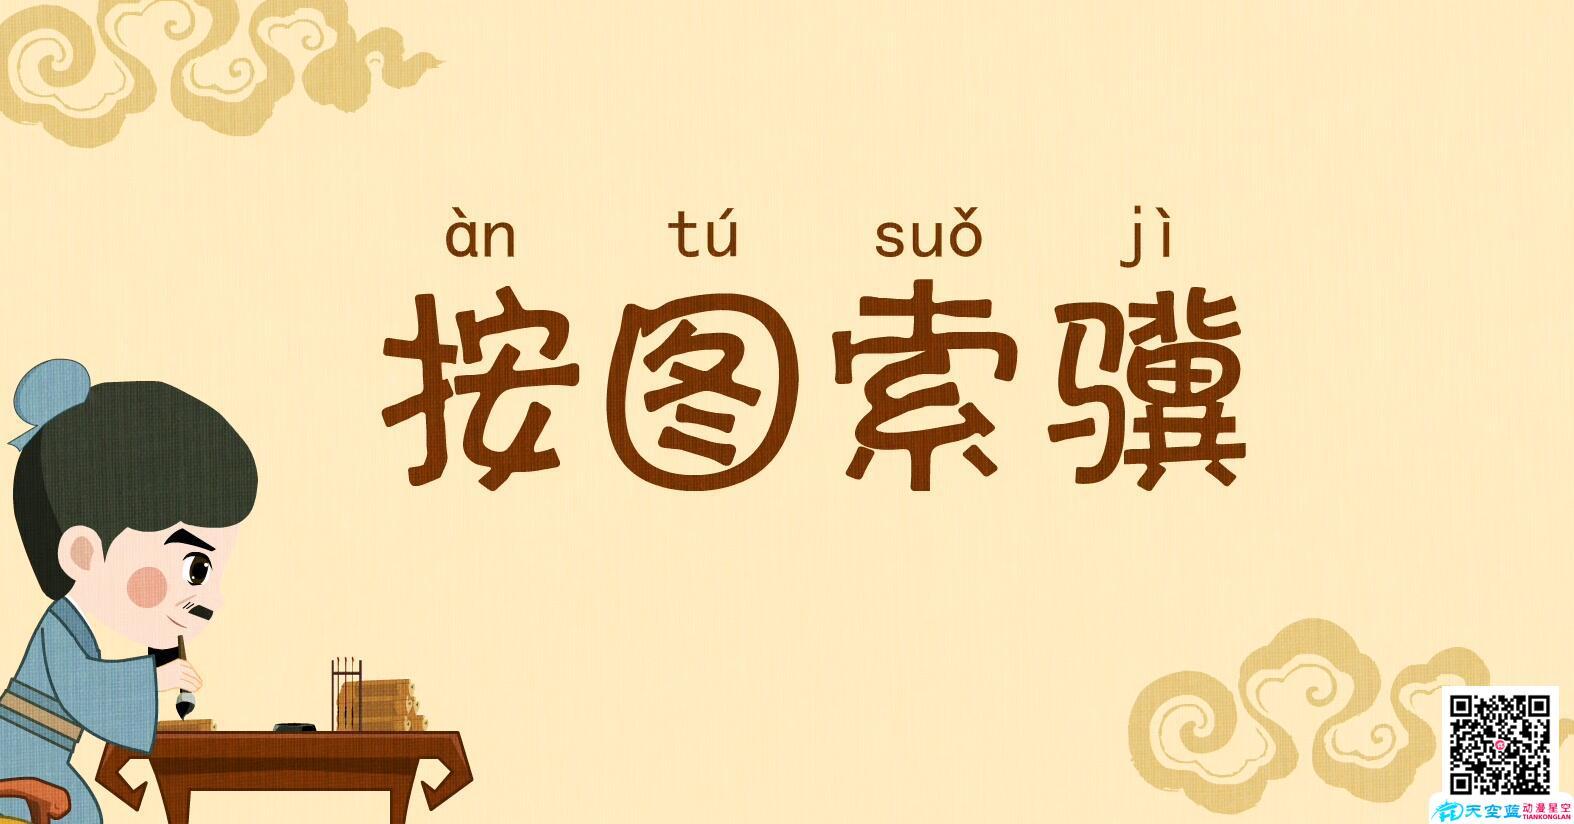 中国成语故事《按图索骥》冒个炮动画视频